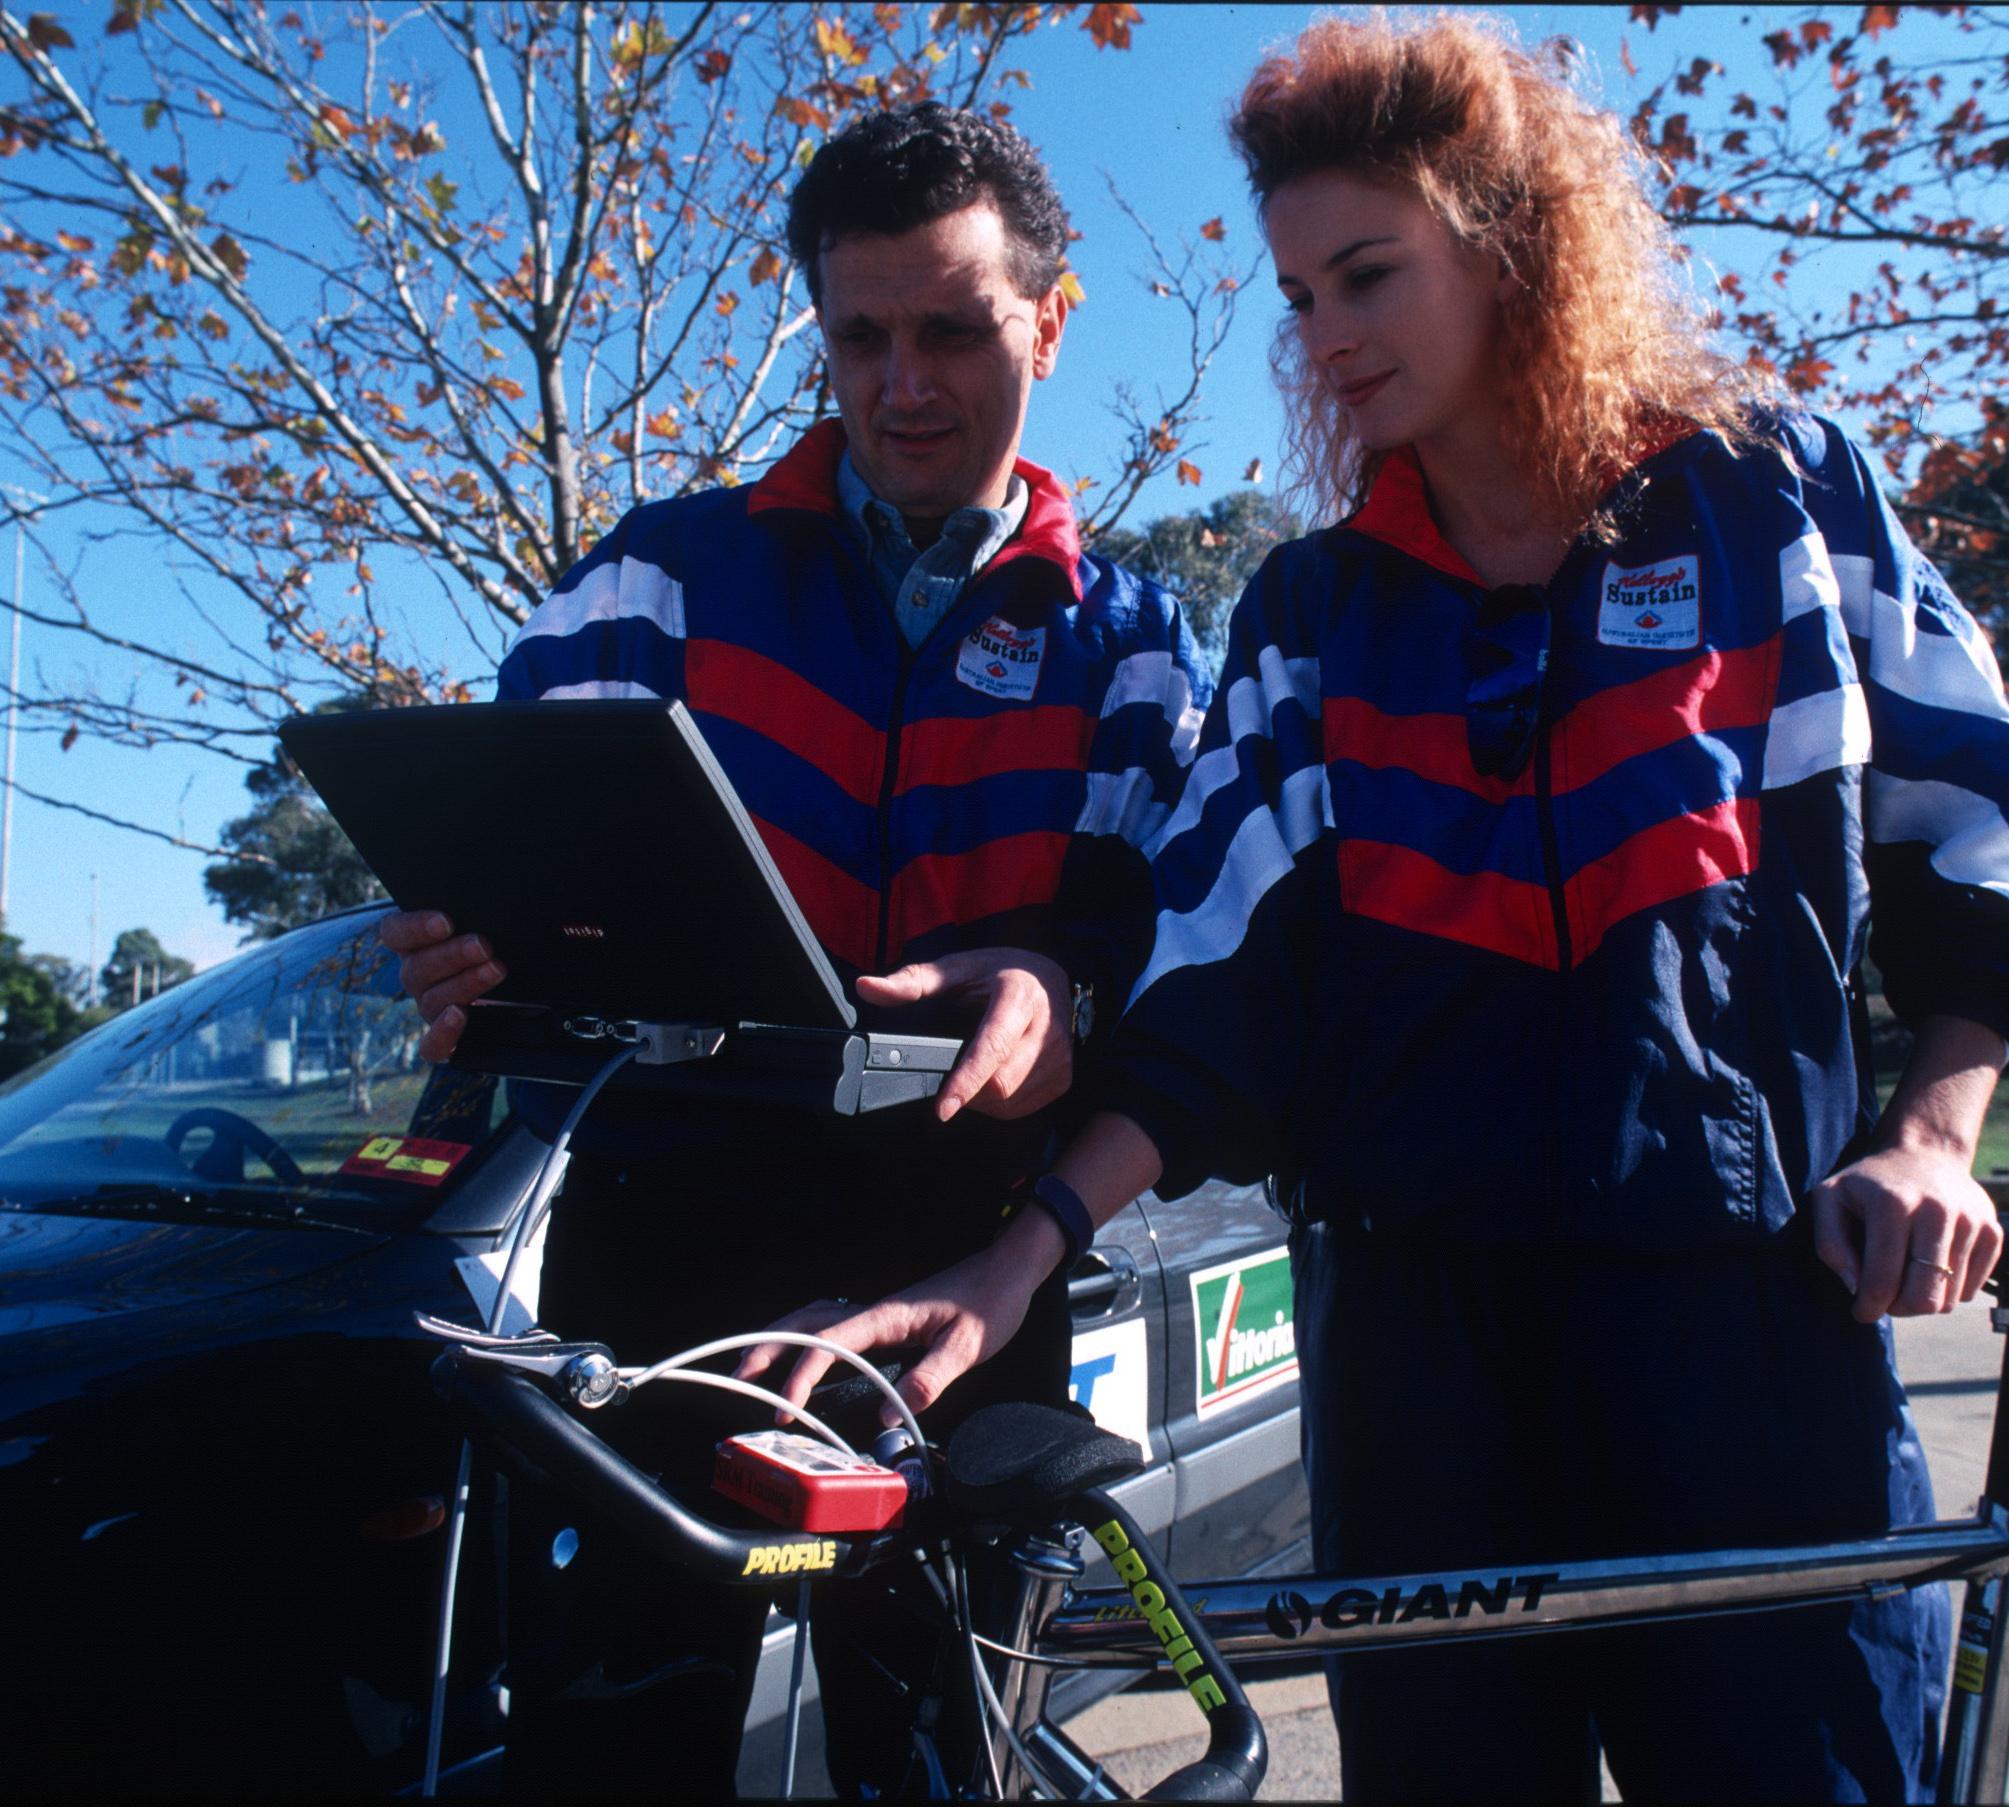 Heiko Salzwedel coaching with AIS. (Photo: Sport Australia)